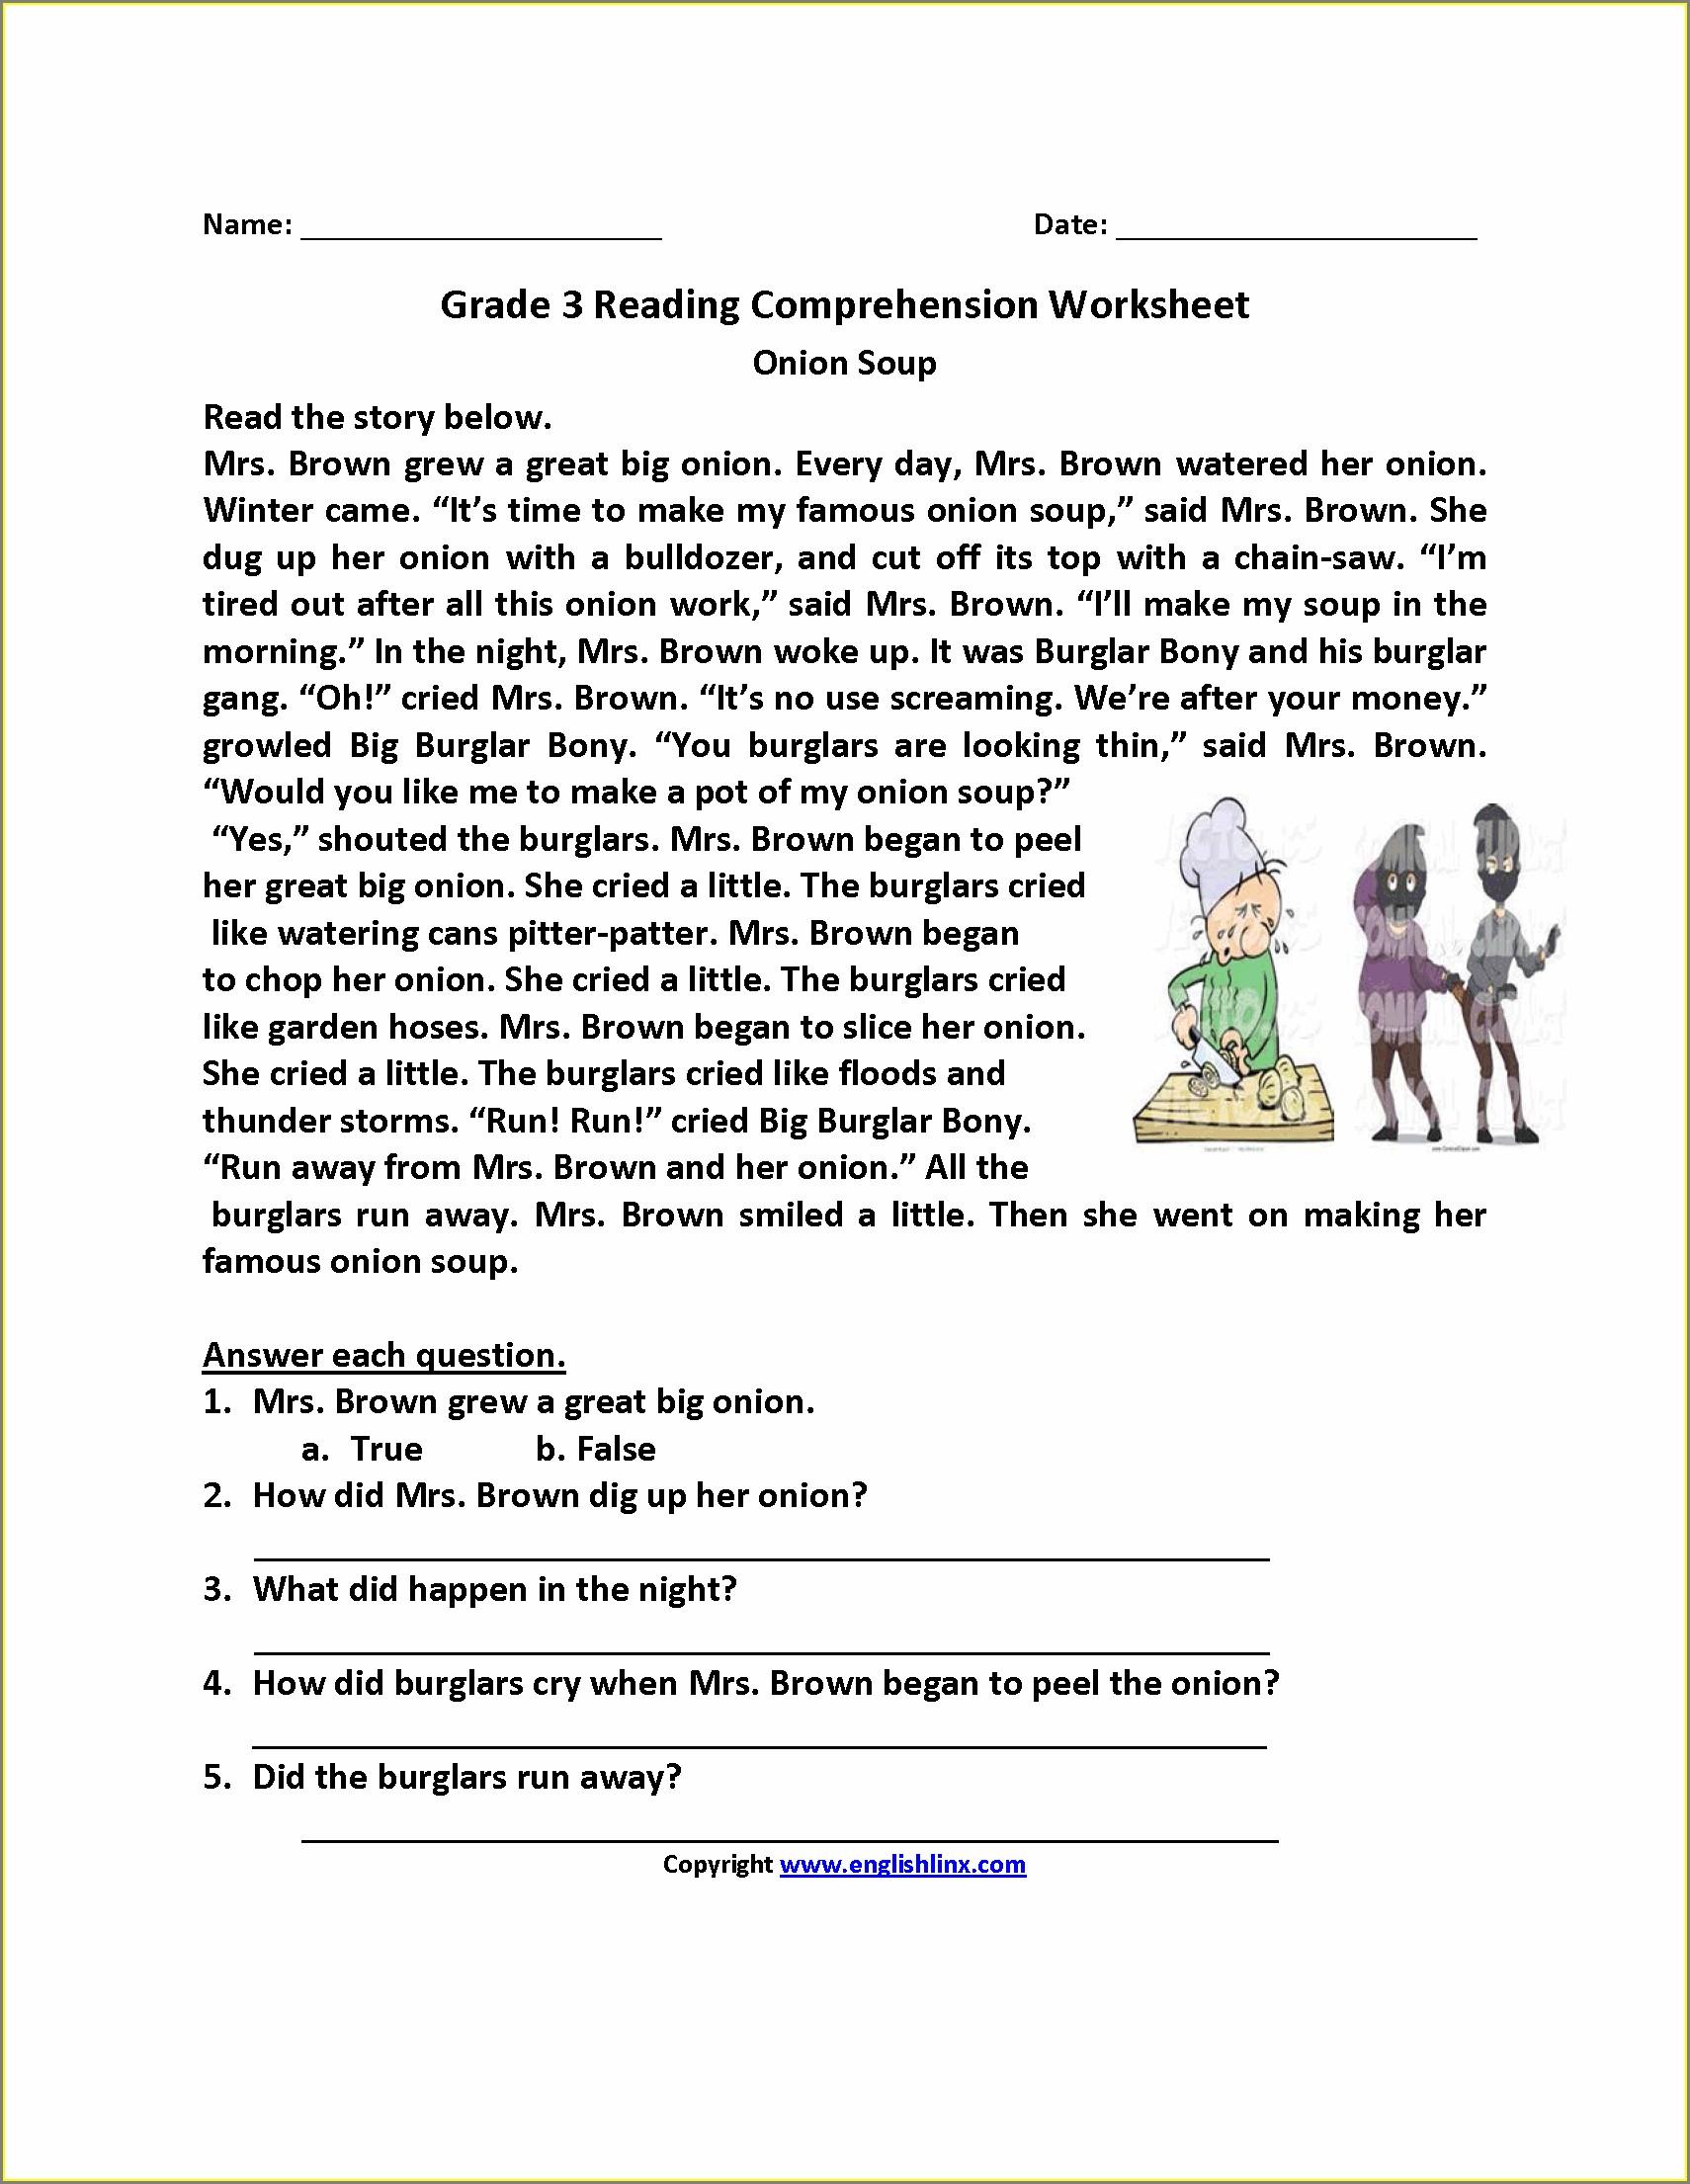 Worksheet In Reading For Grade 3